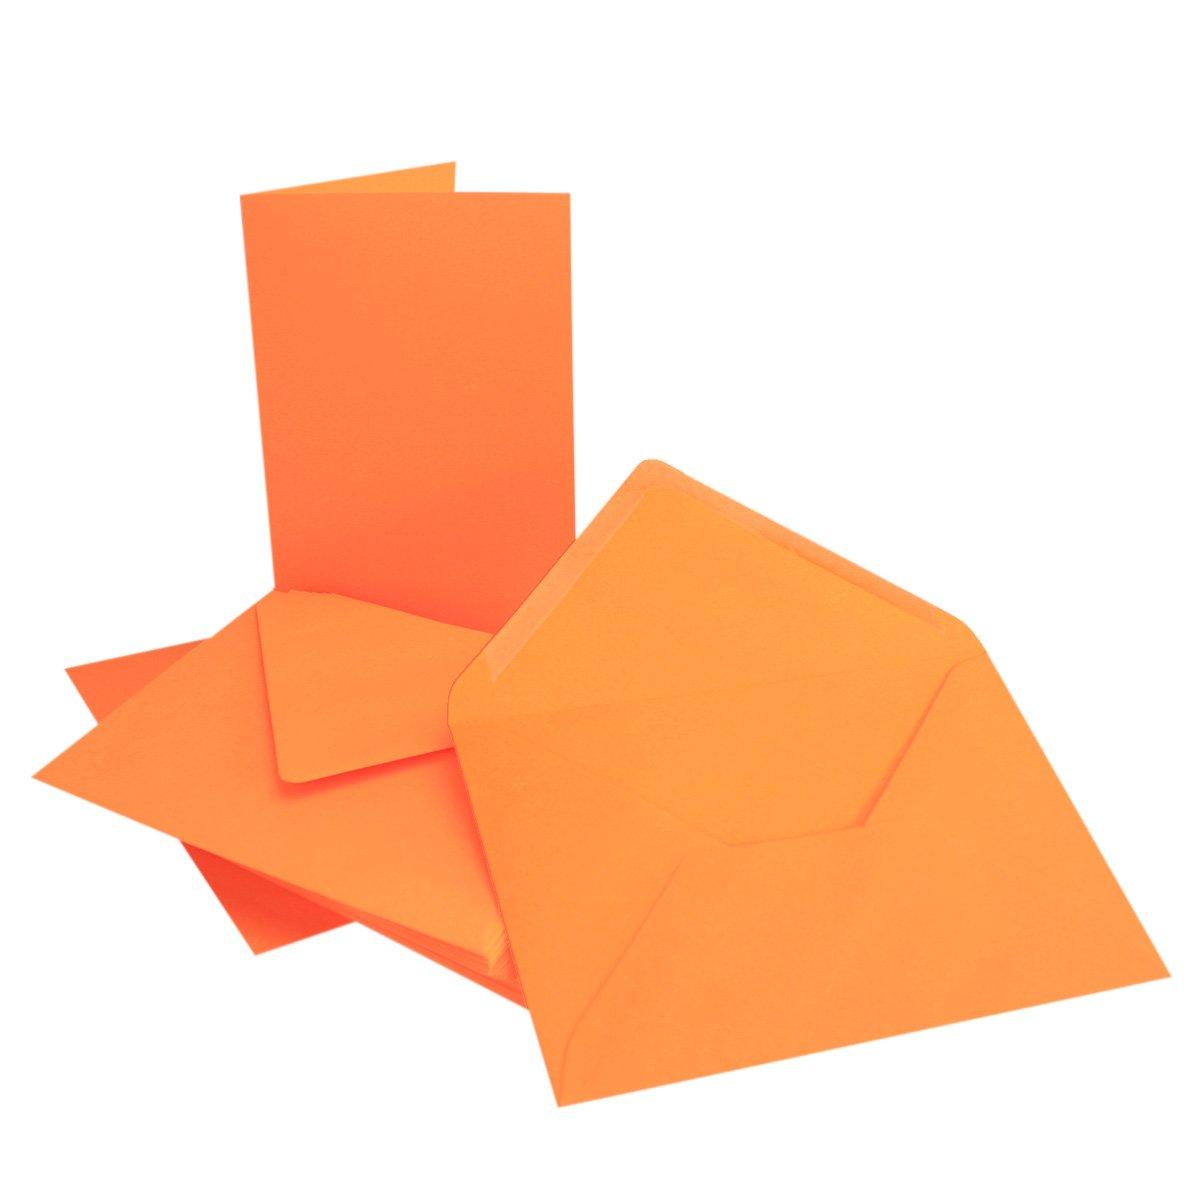 75 Sets - - - Faltkarten Hellgrau - Din A5  Umschläge Din C5 - Premium Qualität - Sehr formstabil - Qualitätsmarke  NEUSER FarbenFroh B07BSL1BB9 | Flagship-Store  87a000